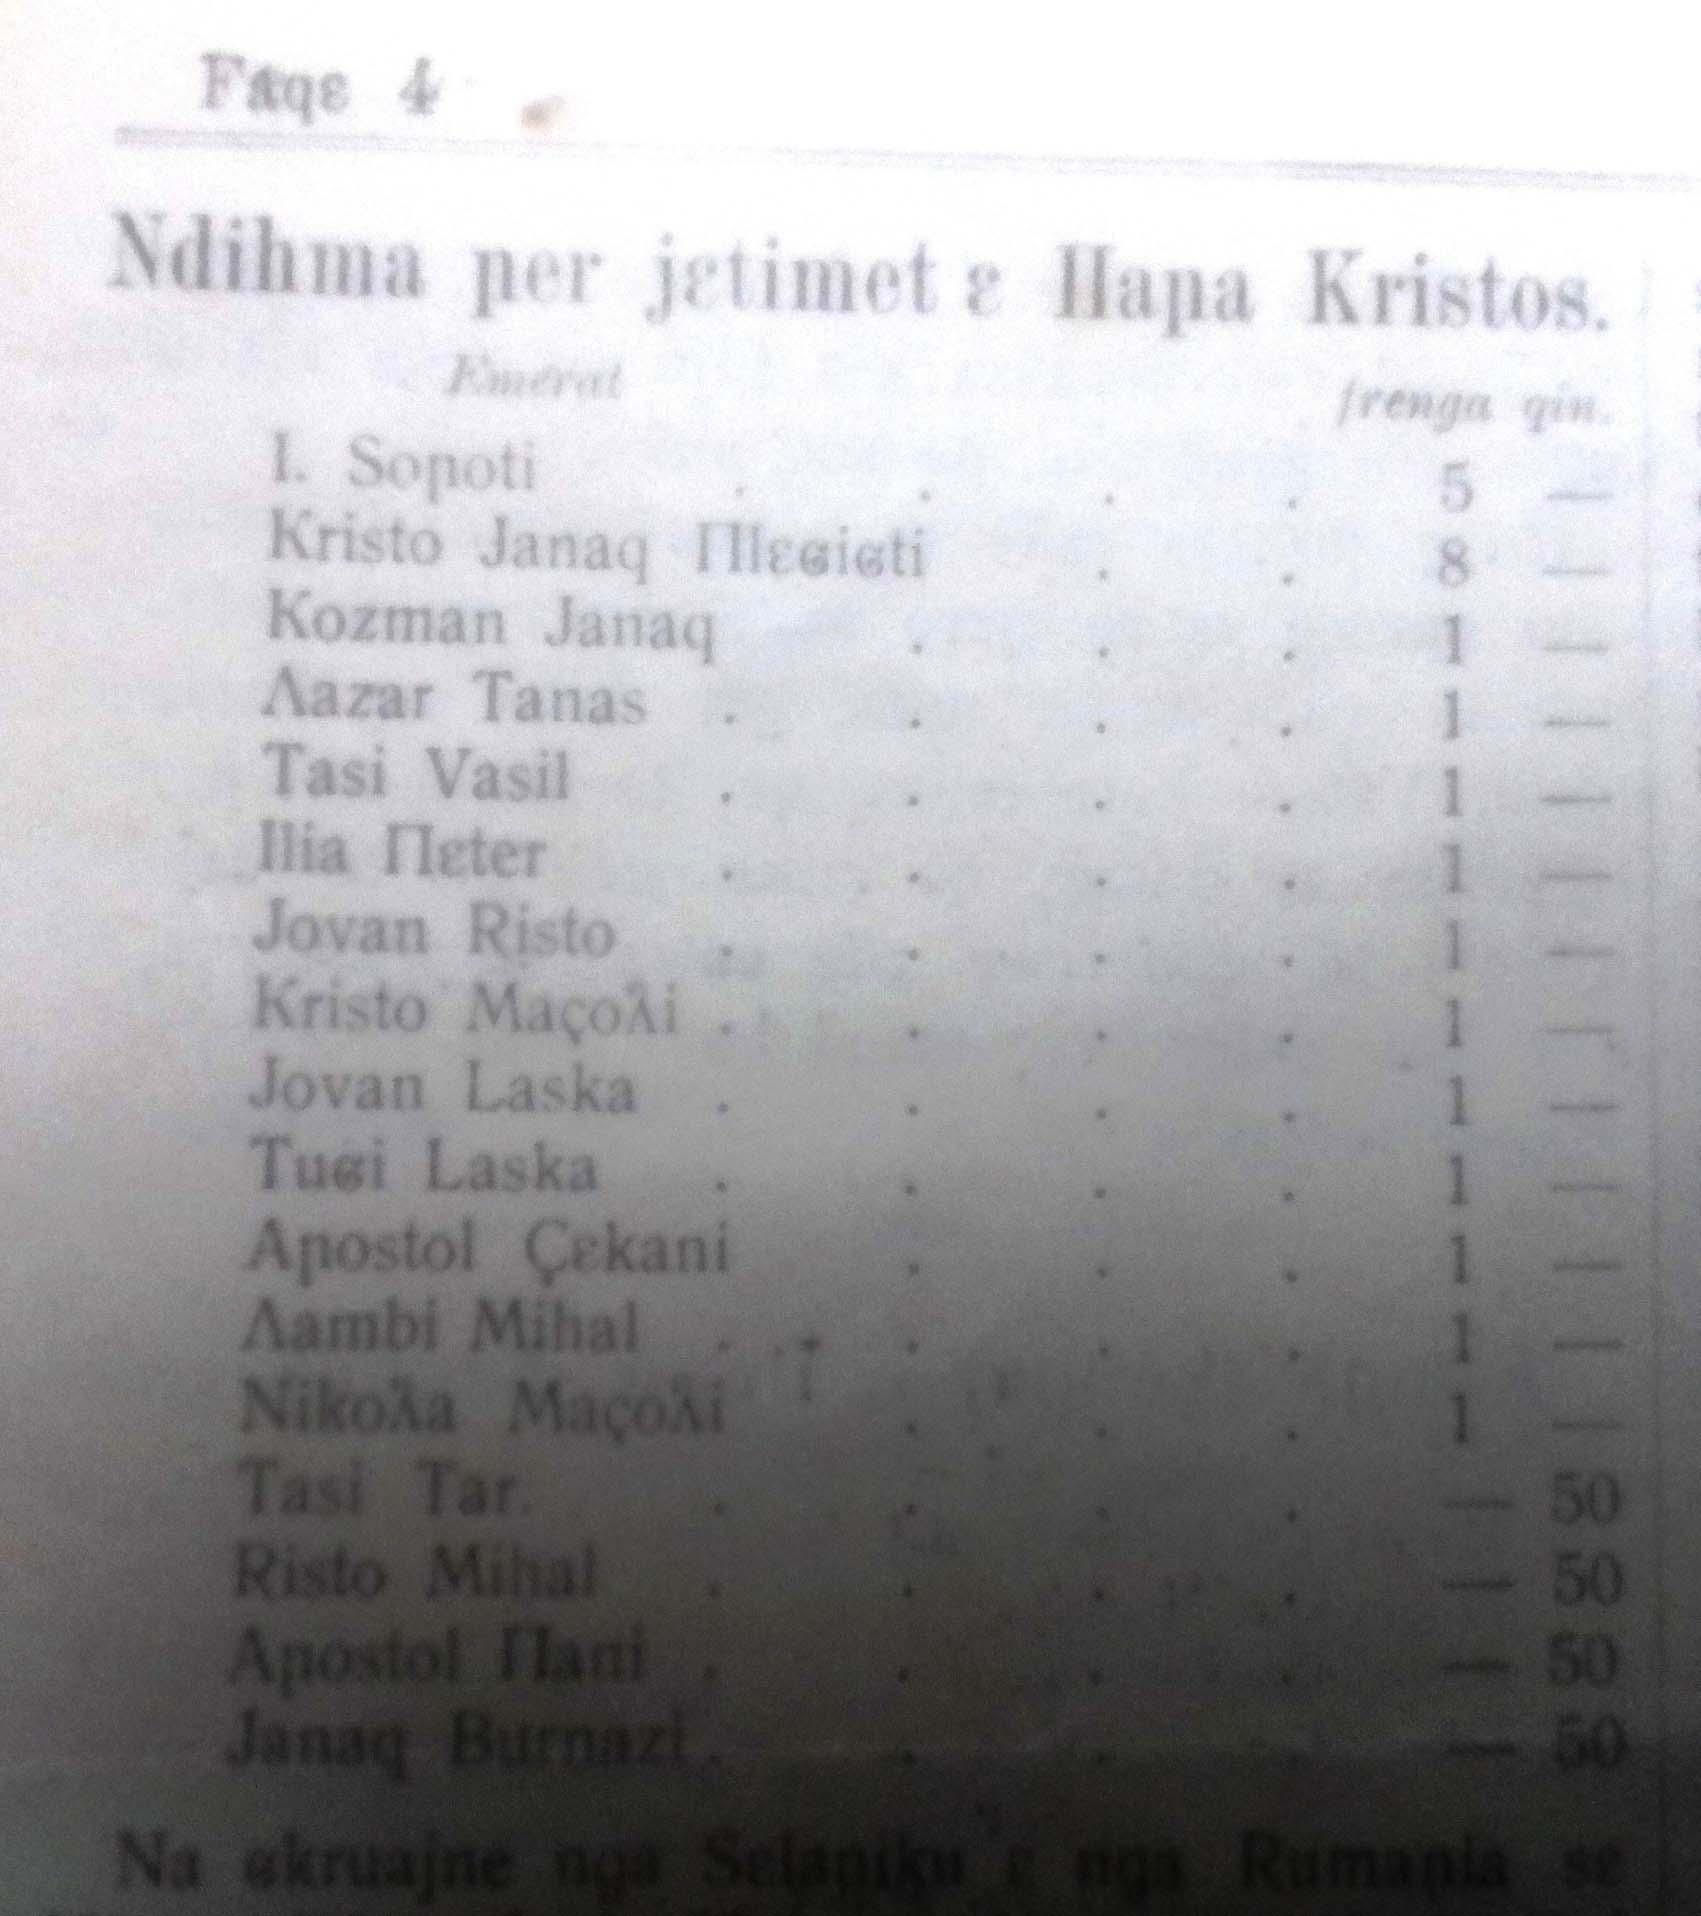 NDIHMA, 3